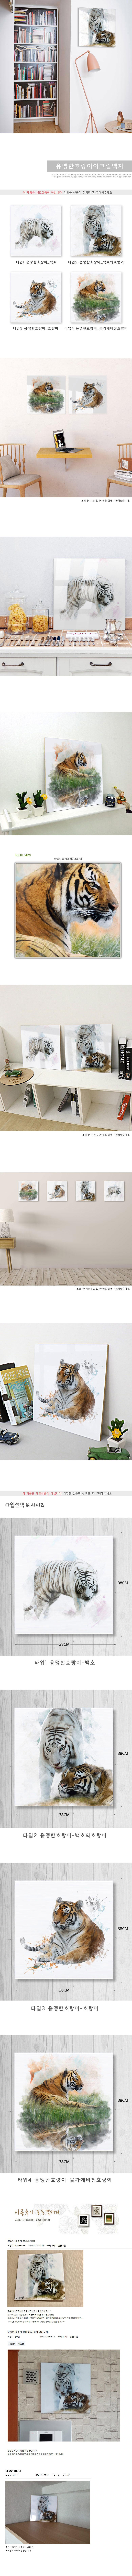 ch648-아크릴액자_용맹한호랑이 - 꾸밈, 22,400원, 홈갤러리, 사진아트